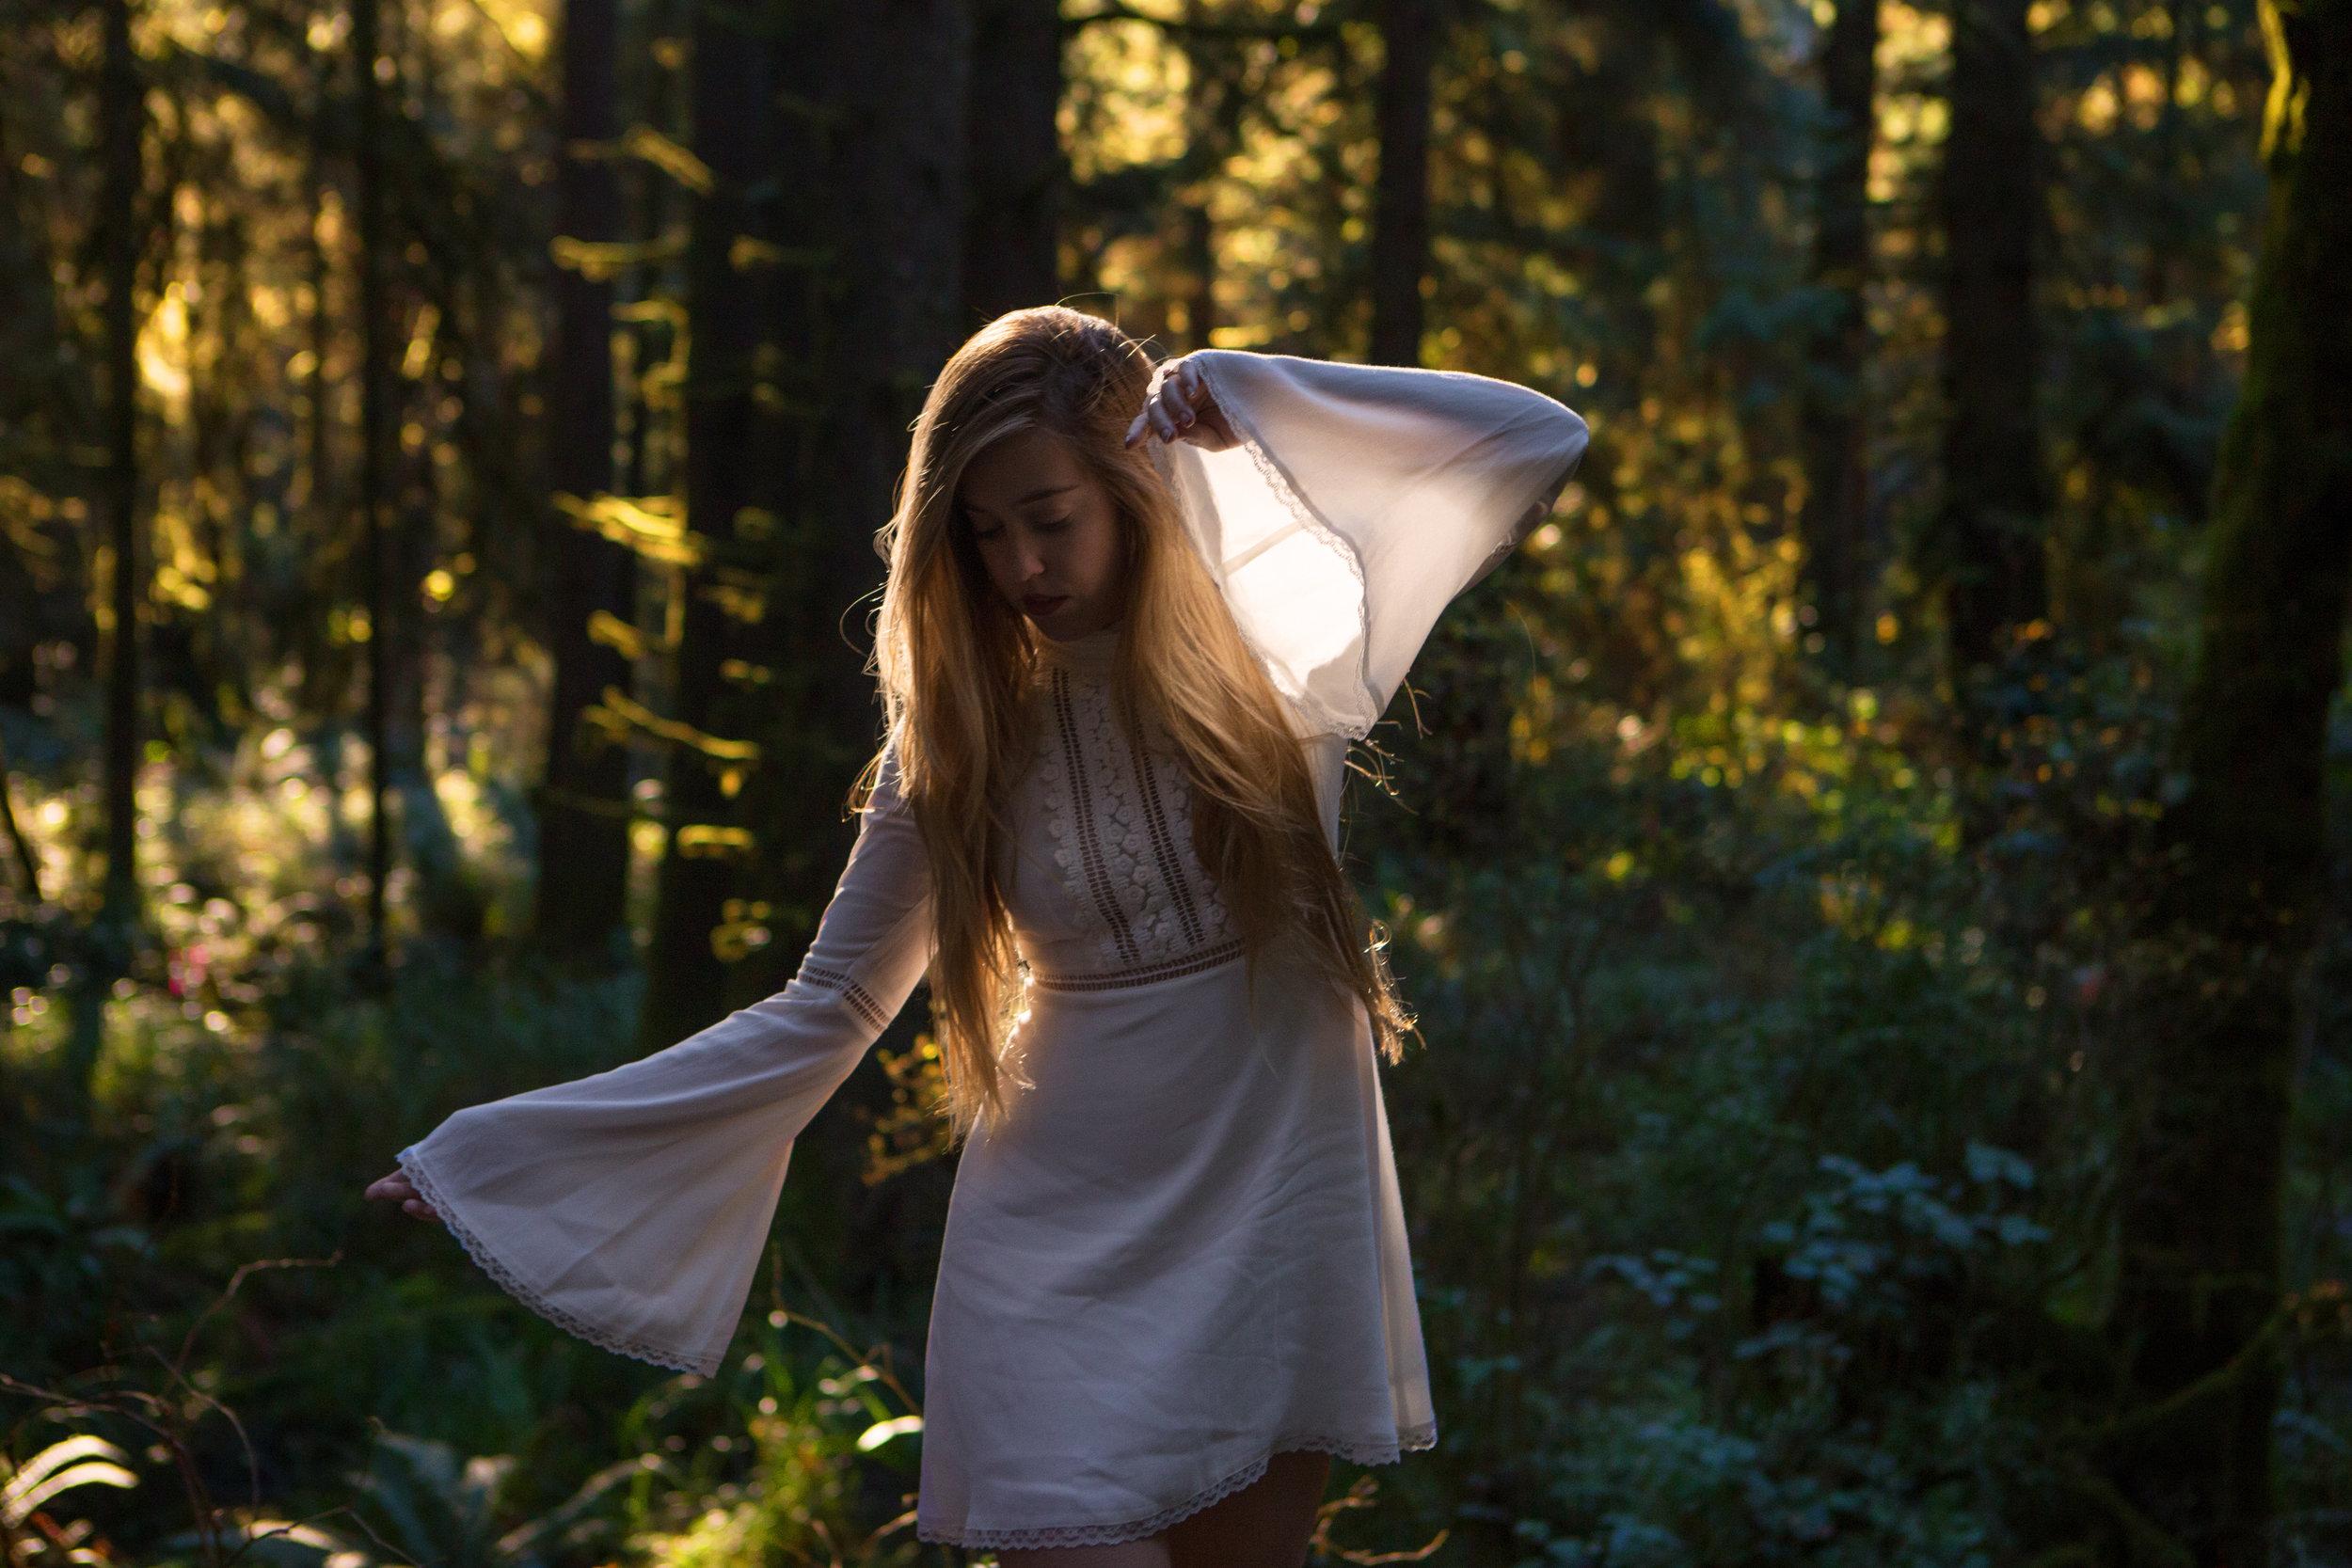 AstroBandit_ForLoveandLemons_Redwoods_PrairieCreek_WhiteDress_6.jpg